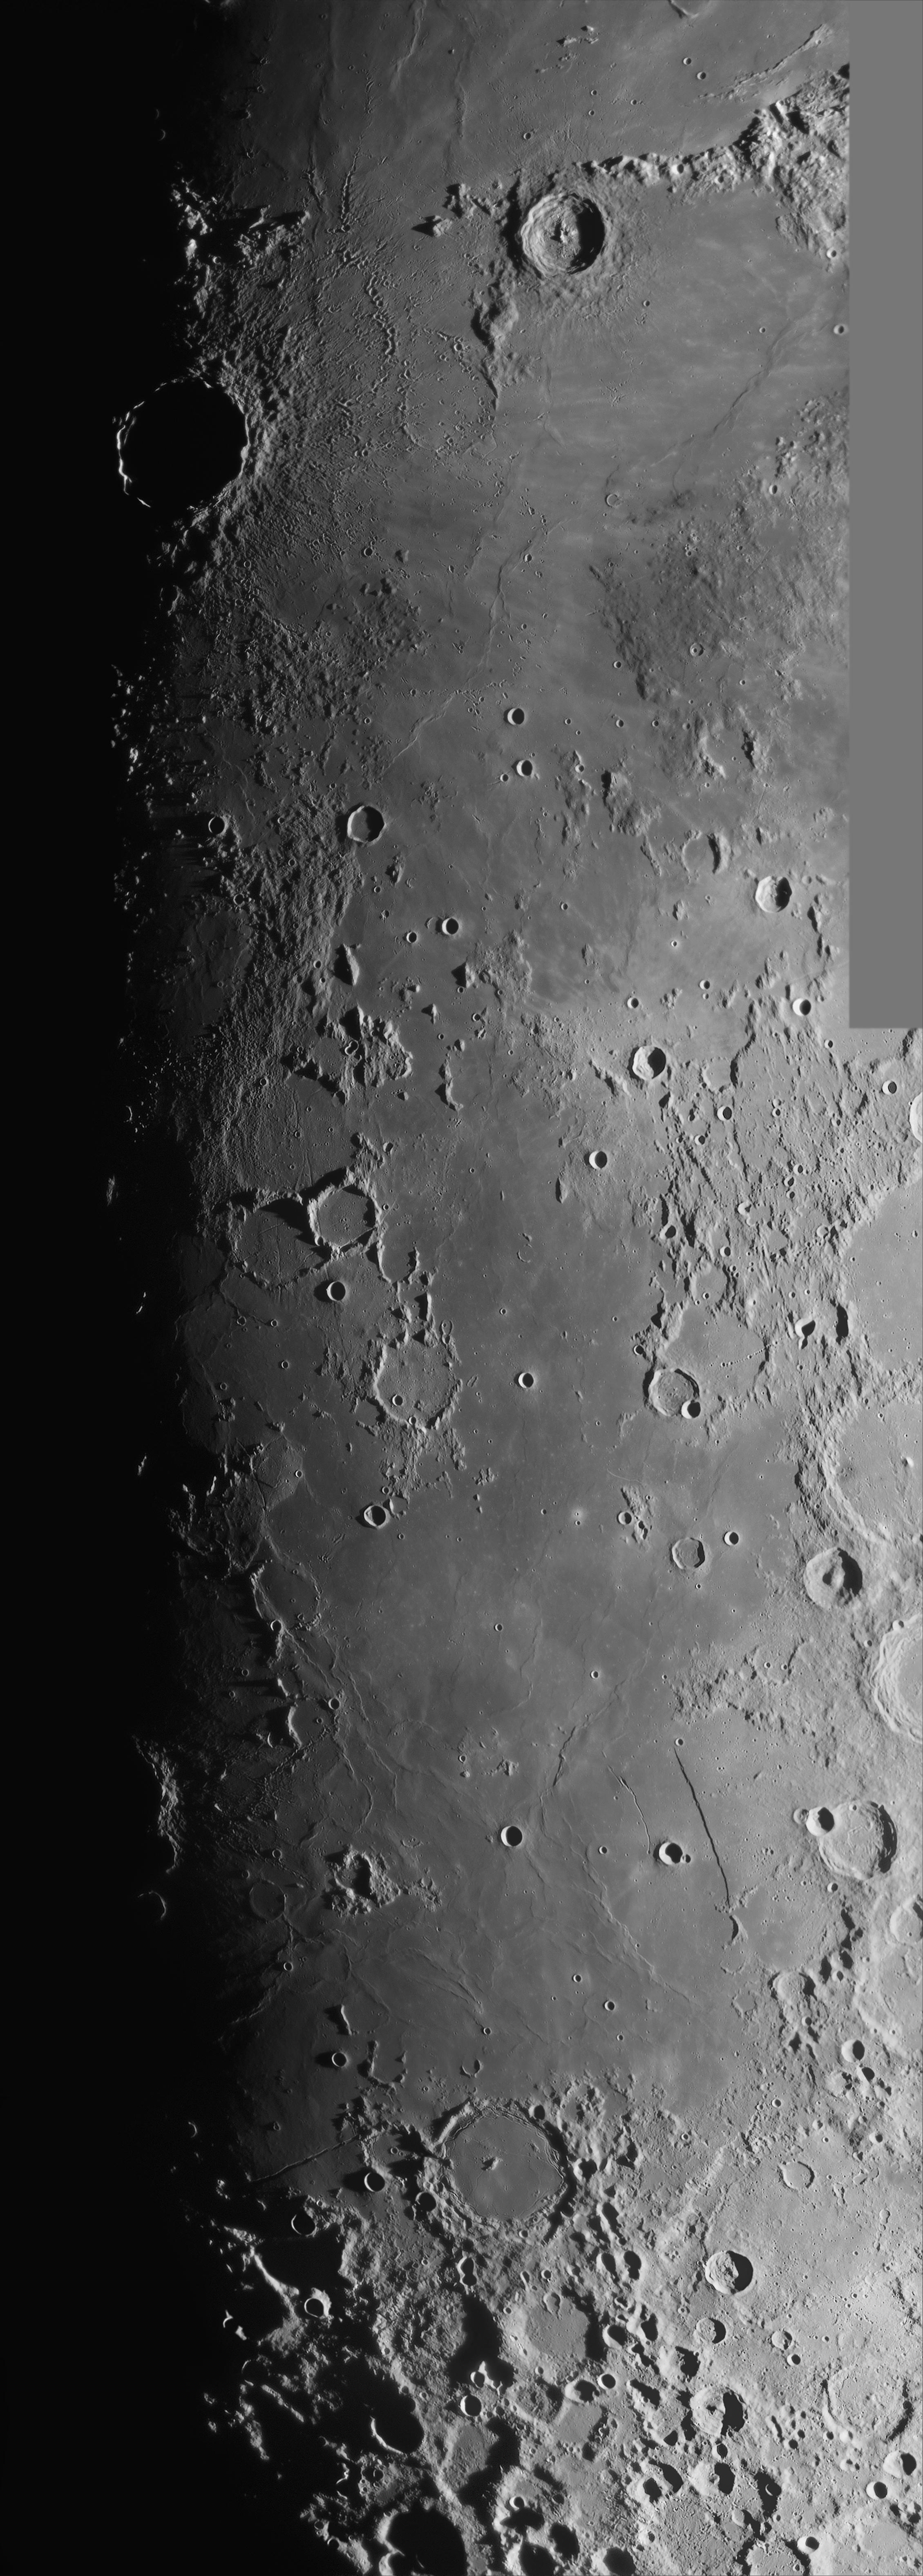 Terminator : Copernicus - Pitatus 15-Feb-08 18:20-20:17UT